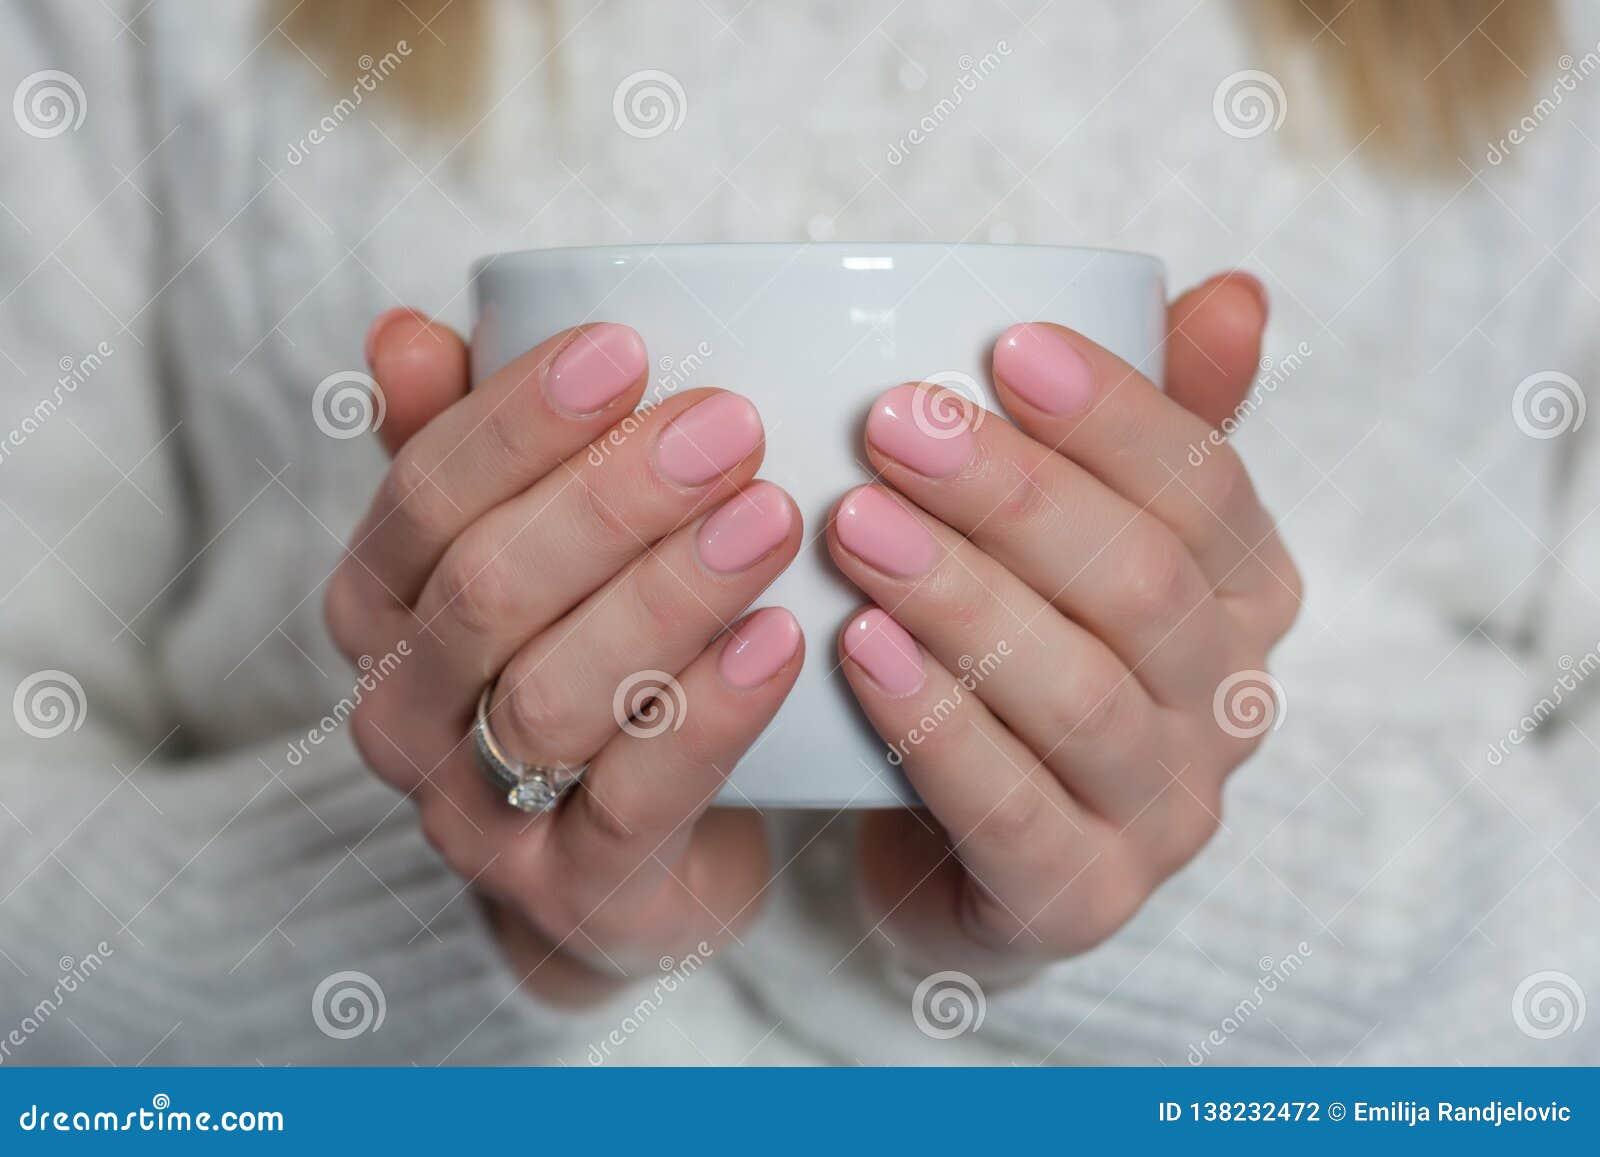 Frau mit Babyrosa-Farbnagellackgel auf den Fingern, die Tasse Tee halten